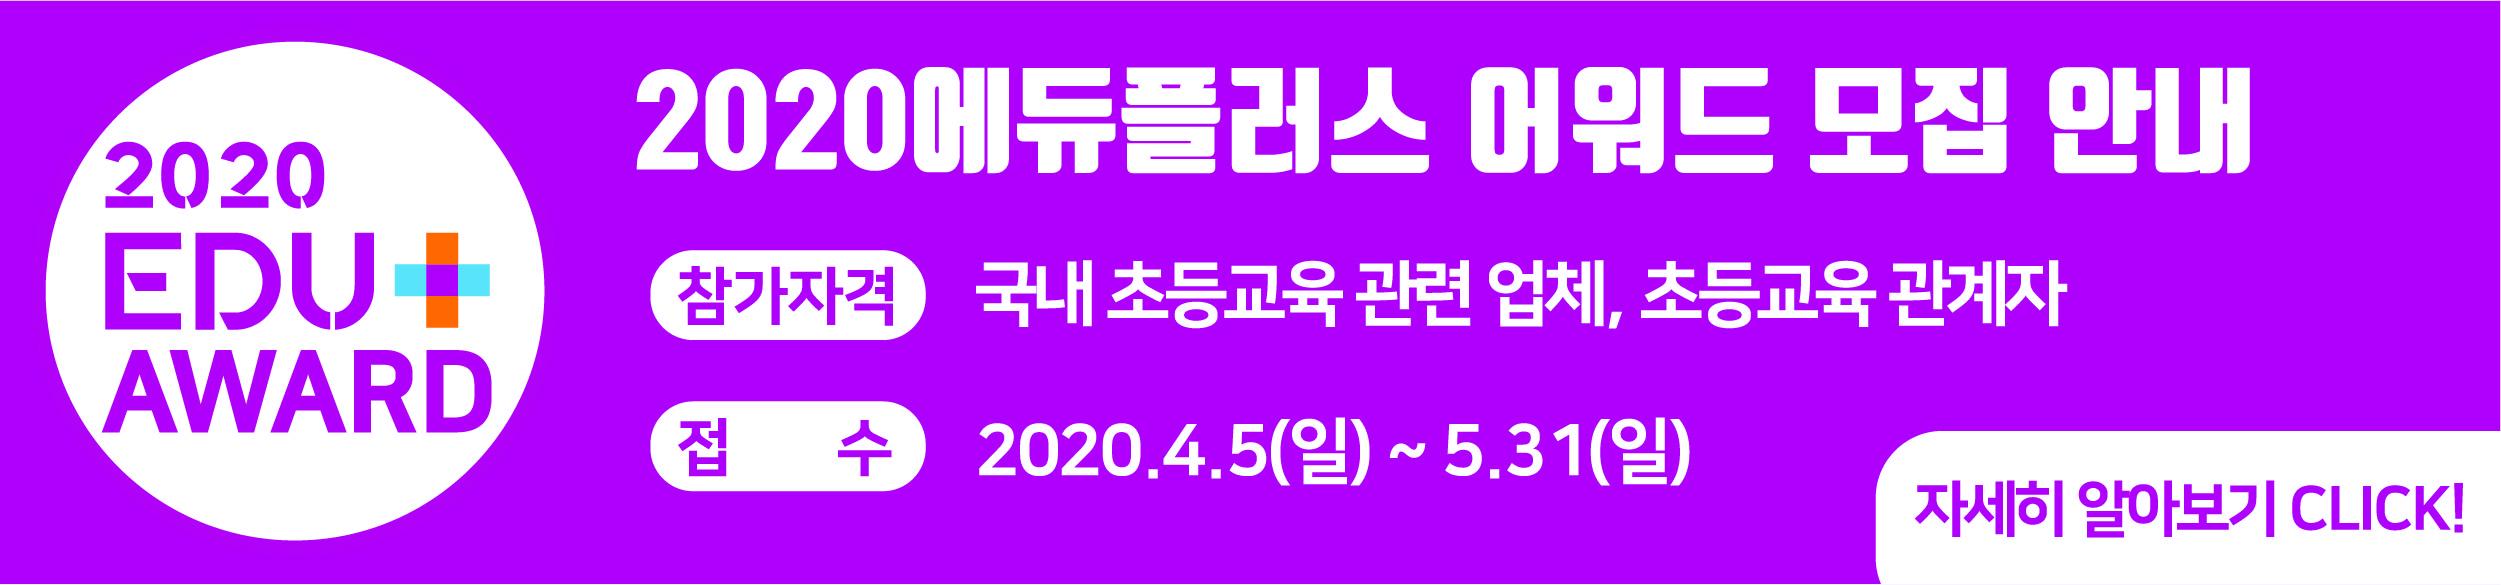 seoul_di_banner.jpg